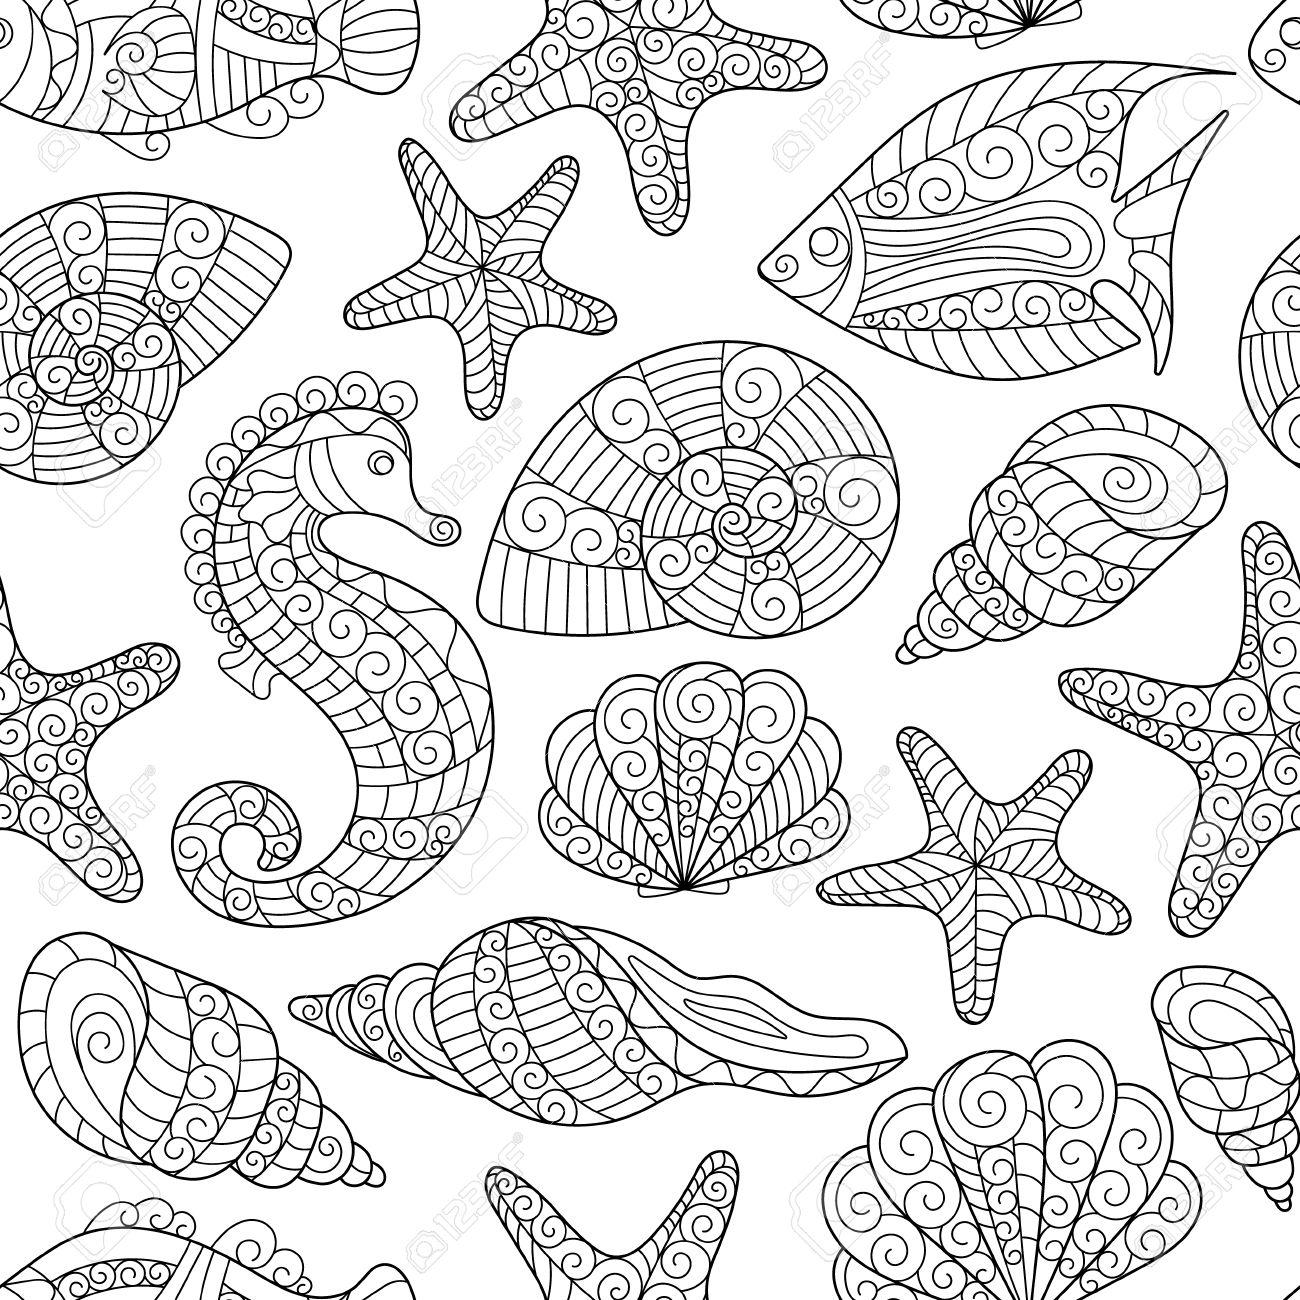 Image de Etoile Coloriage Etoile De Mer Et Coquillage